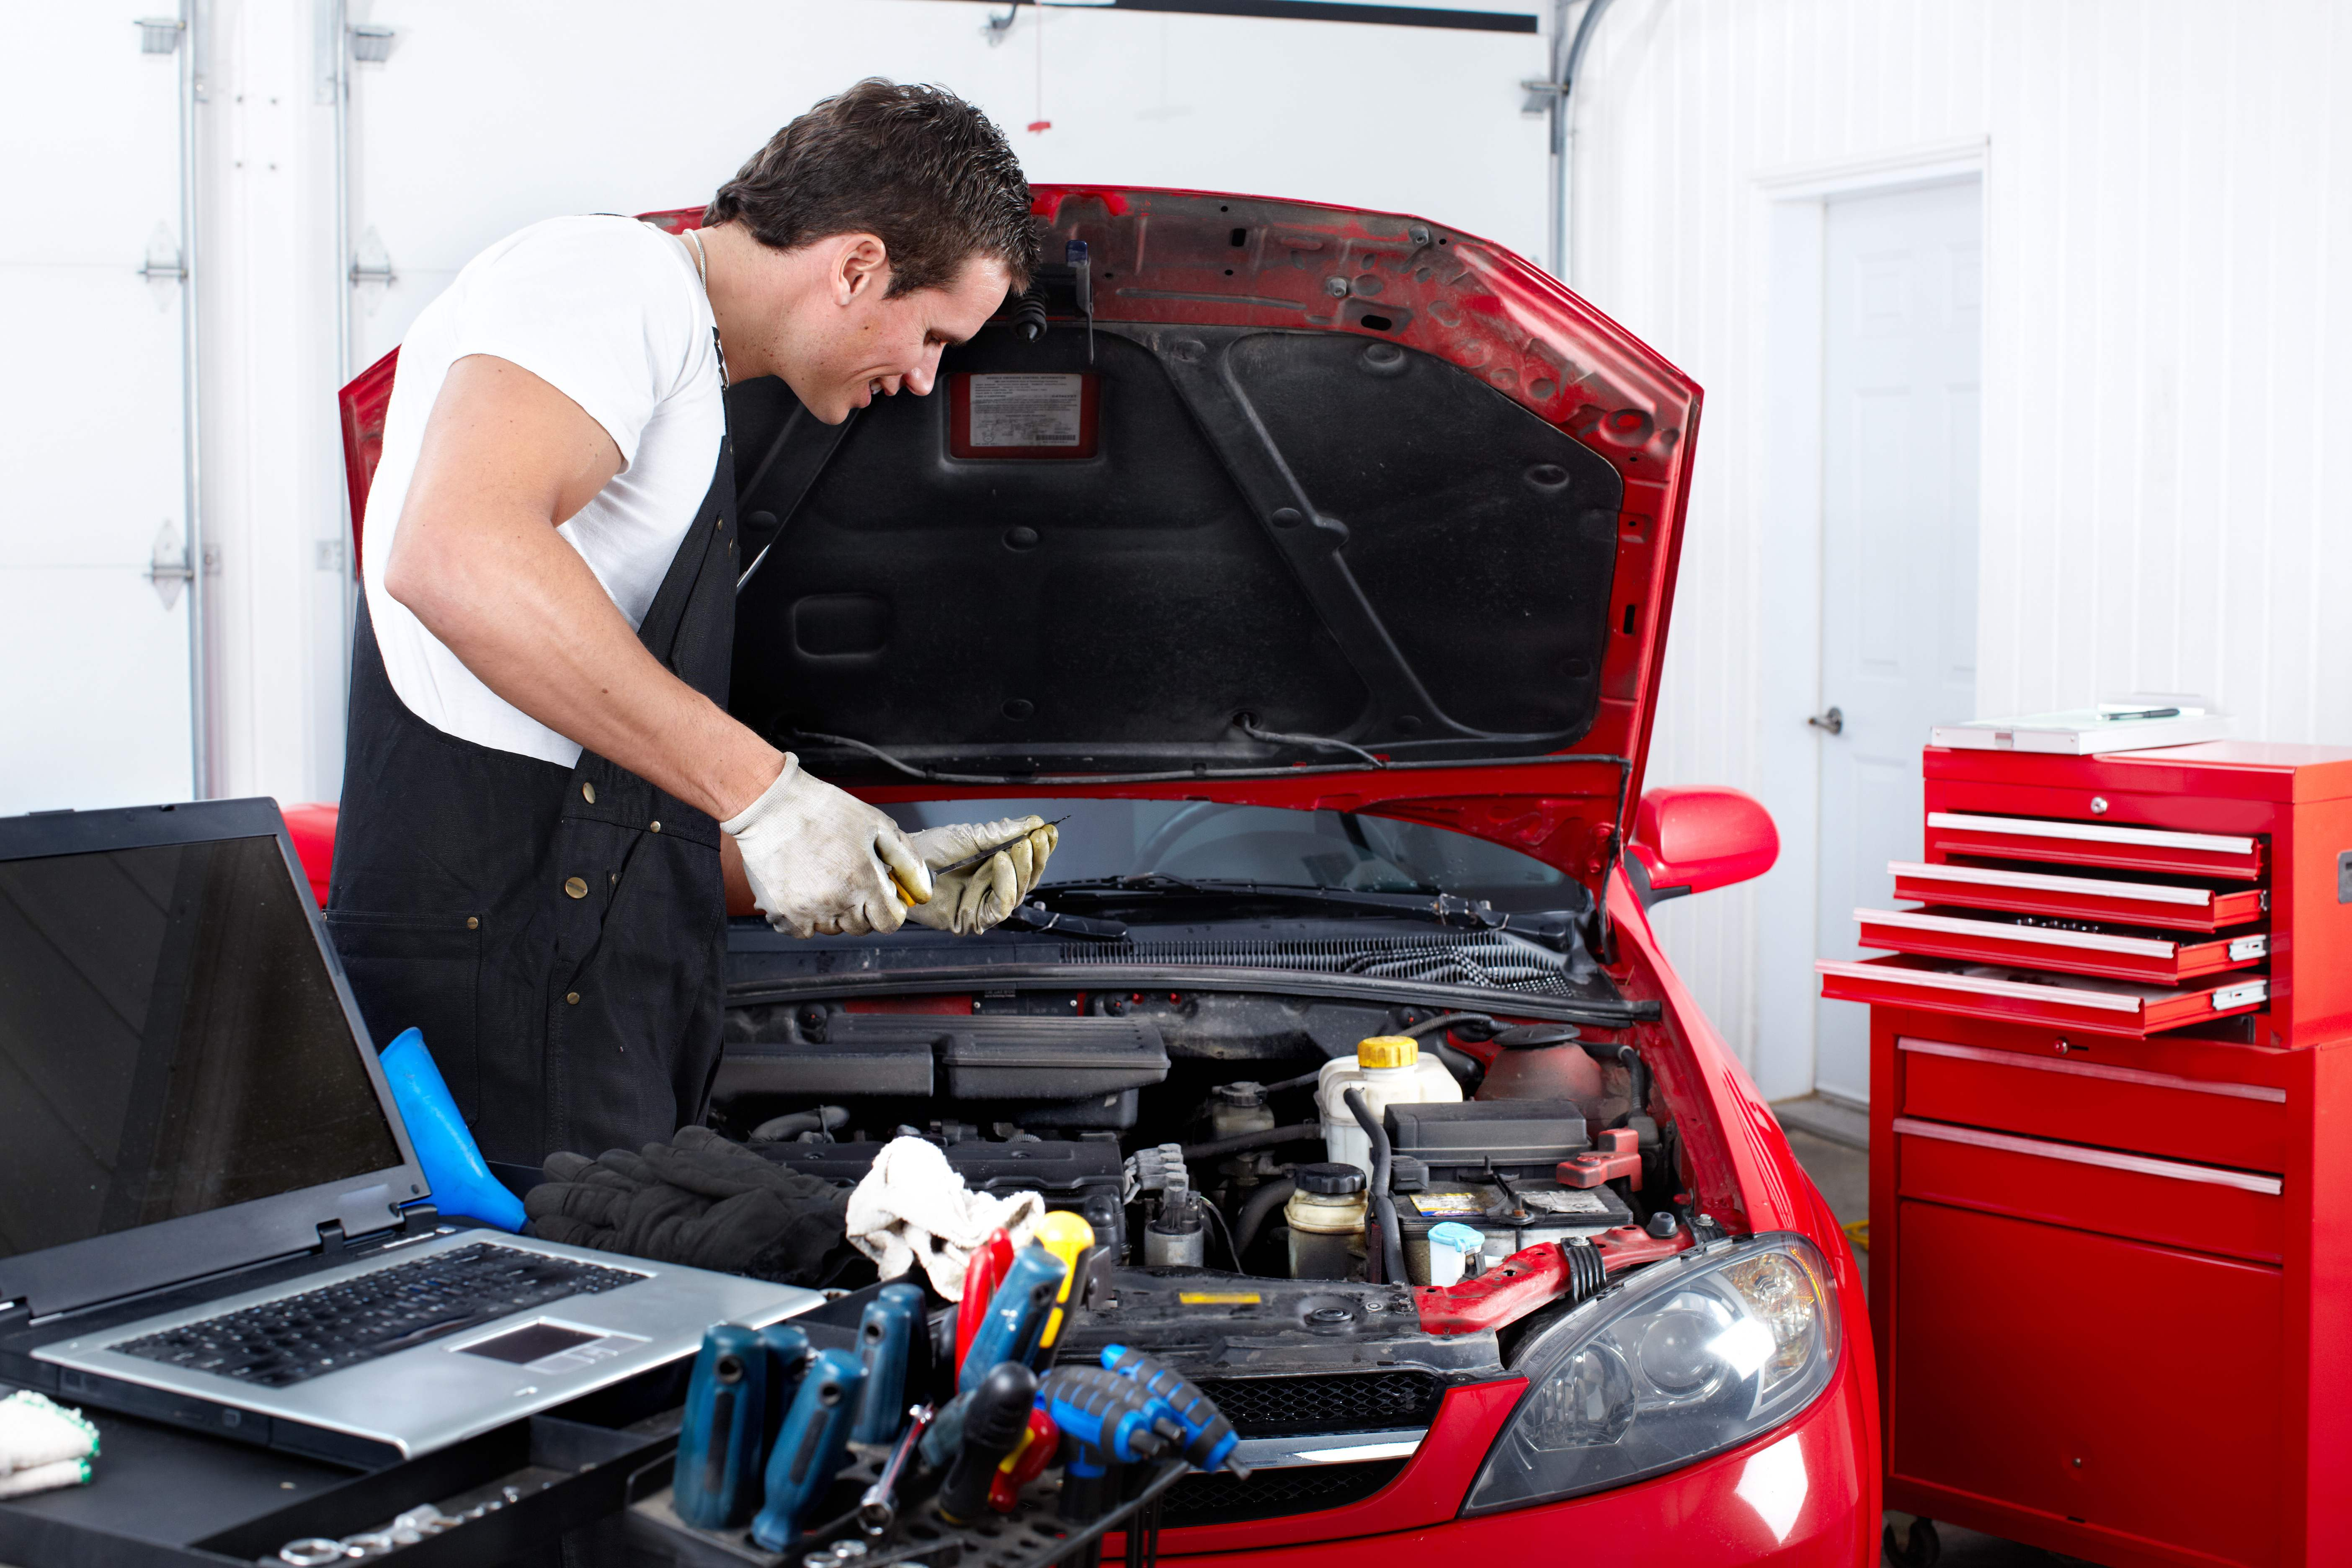 Réduisez vos dépenses en réparant vous même votre automobile